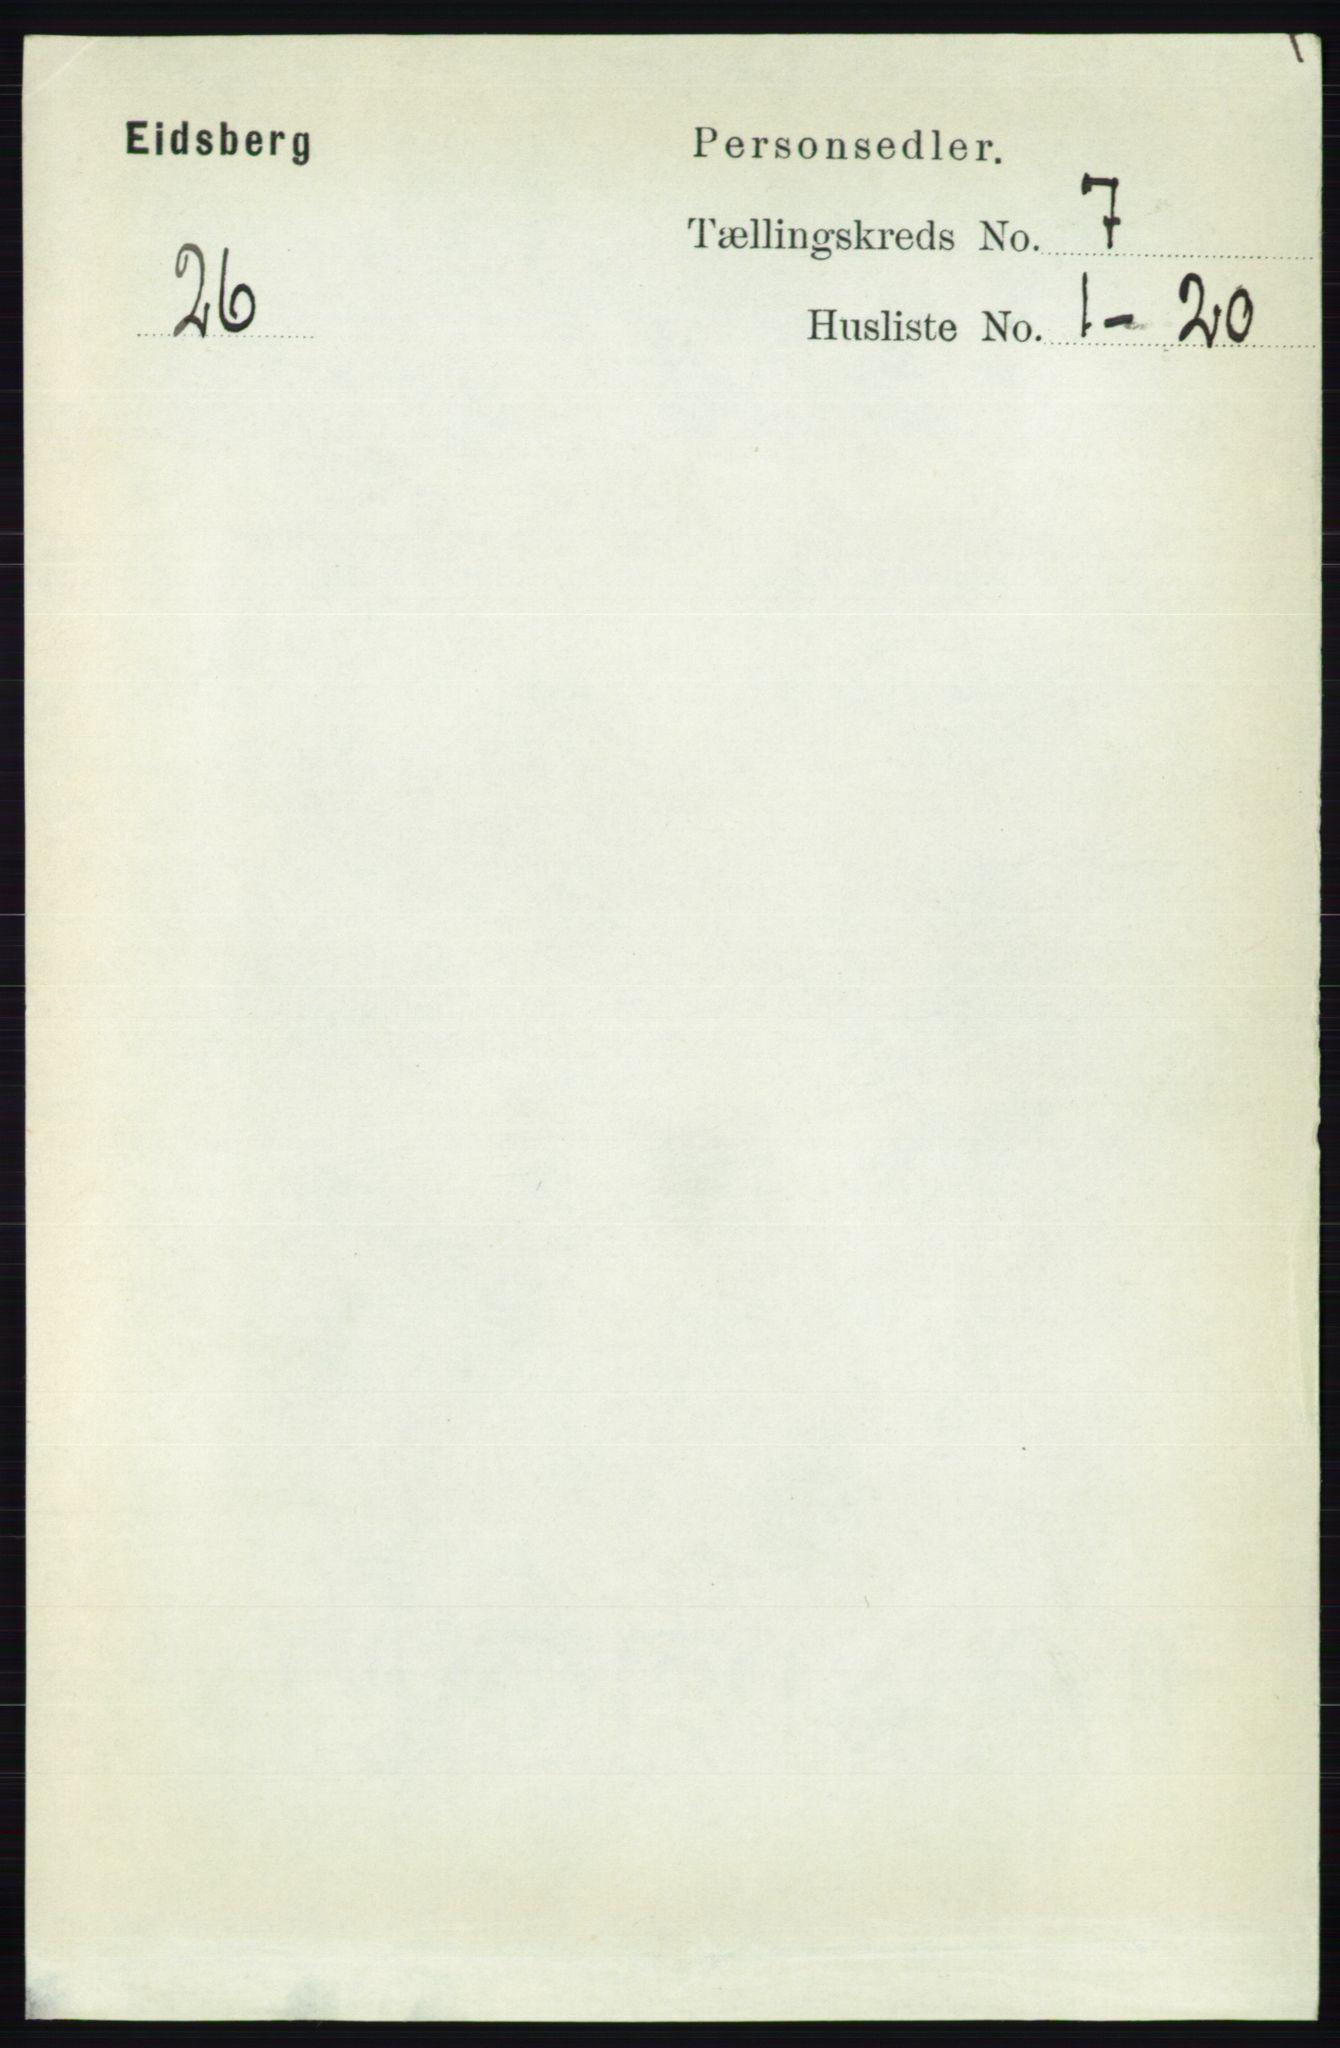 RA, Folketelling 1891 for 0125 Eidsberg herred, 1891, s. 4103